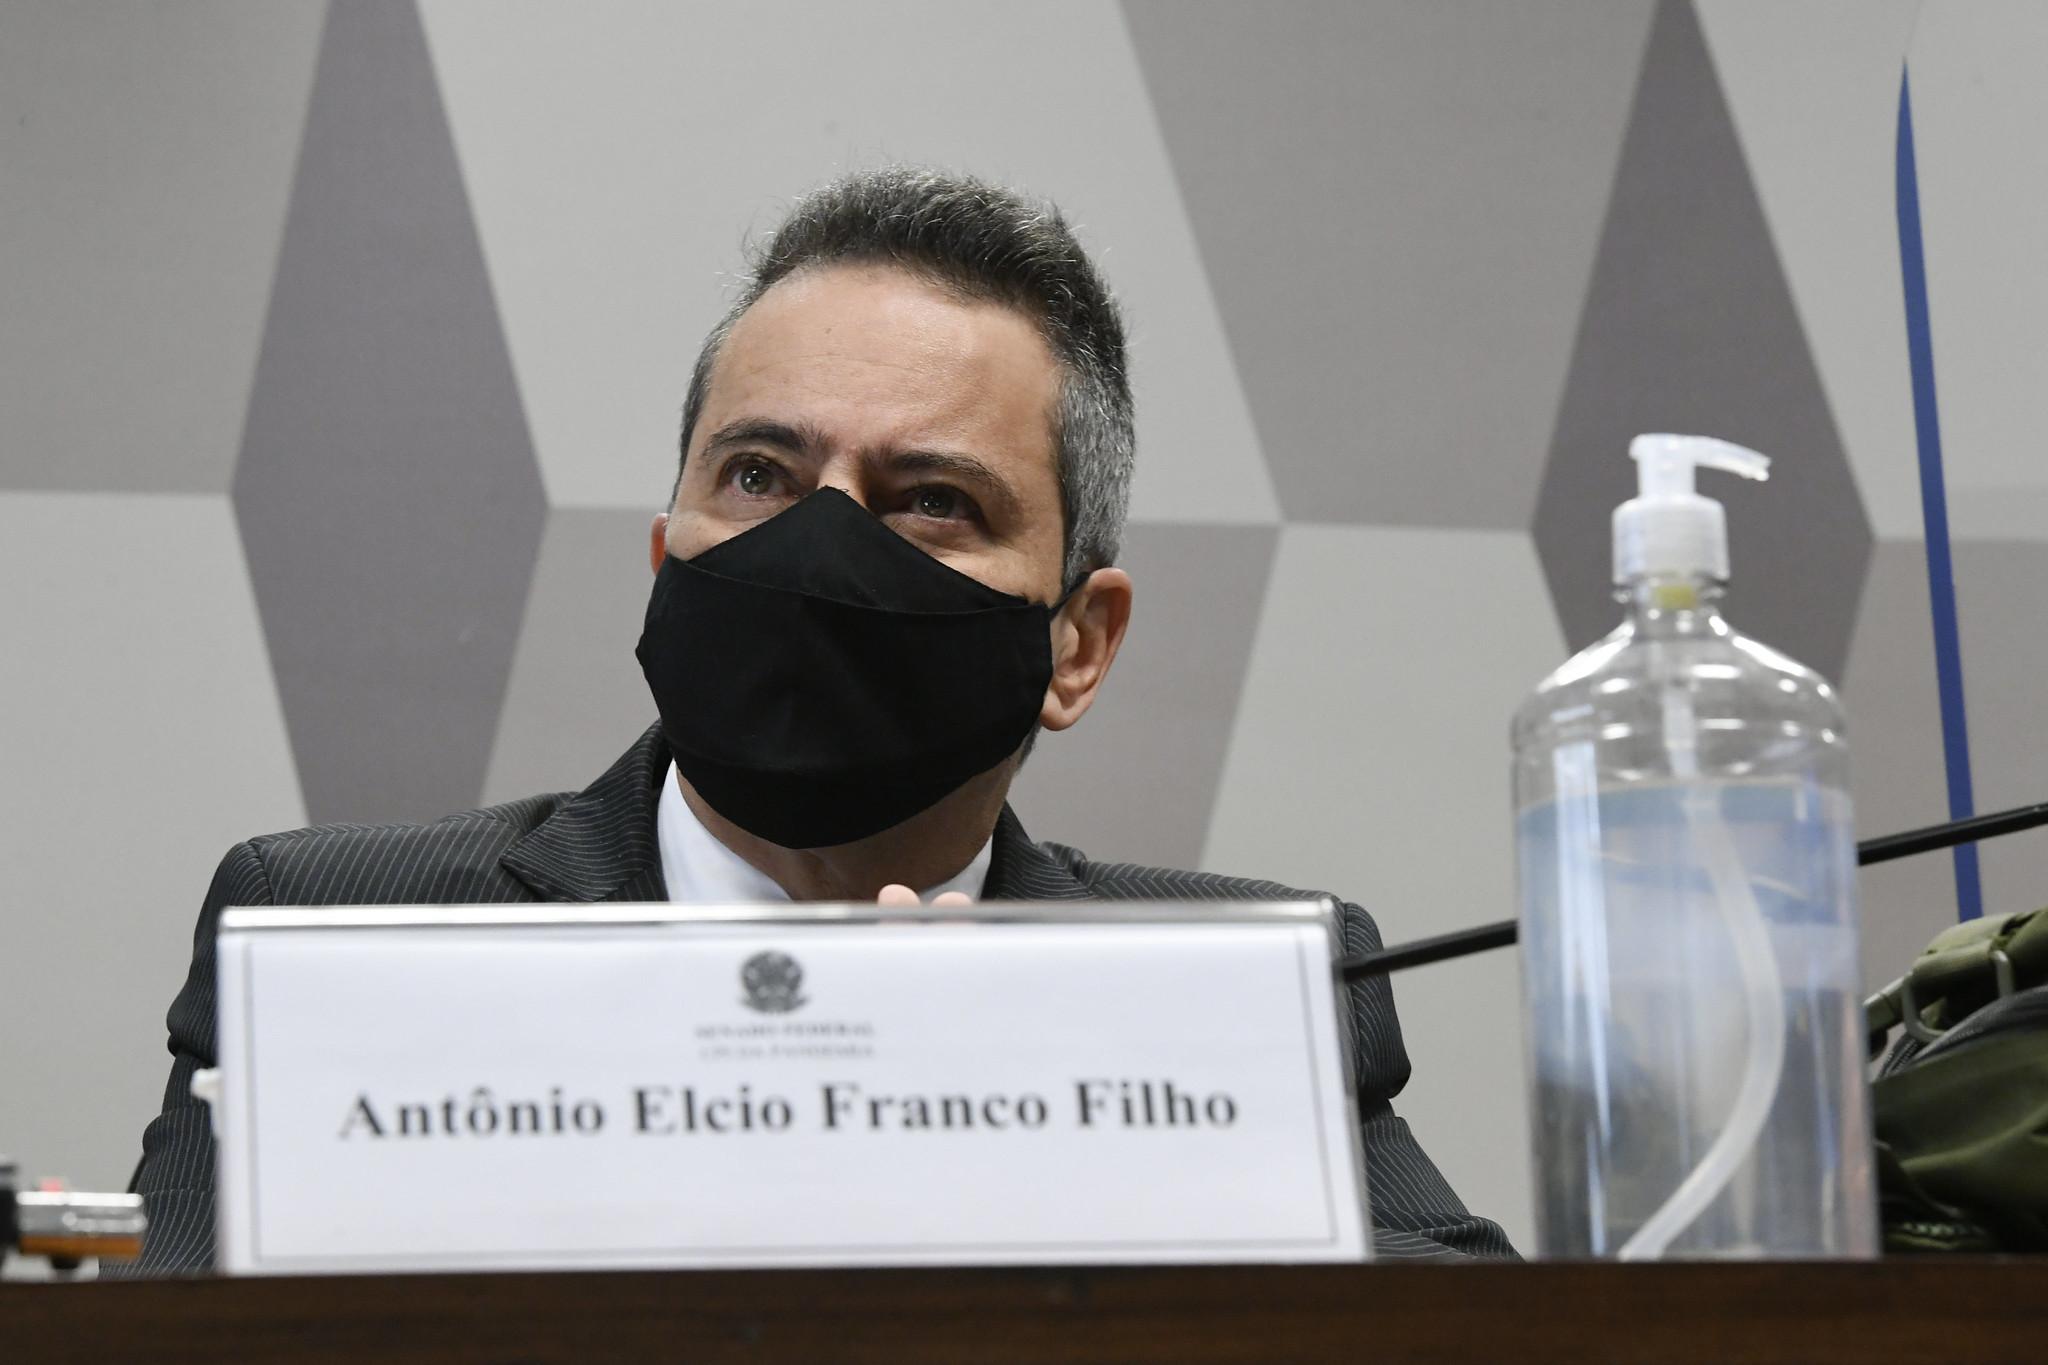 Termina depoimento de Elcio Franco na CPI da Covid; Wilson Lima é o próximo